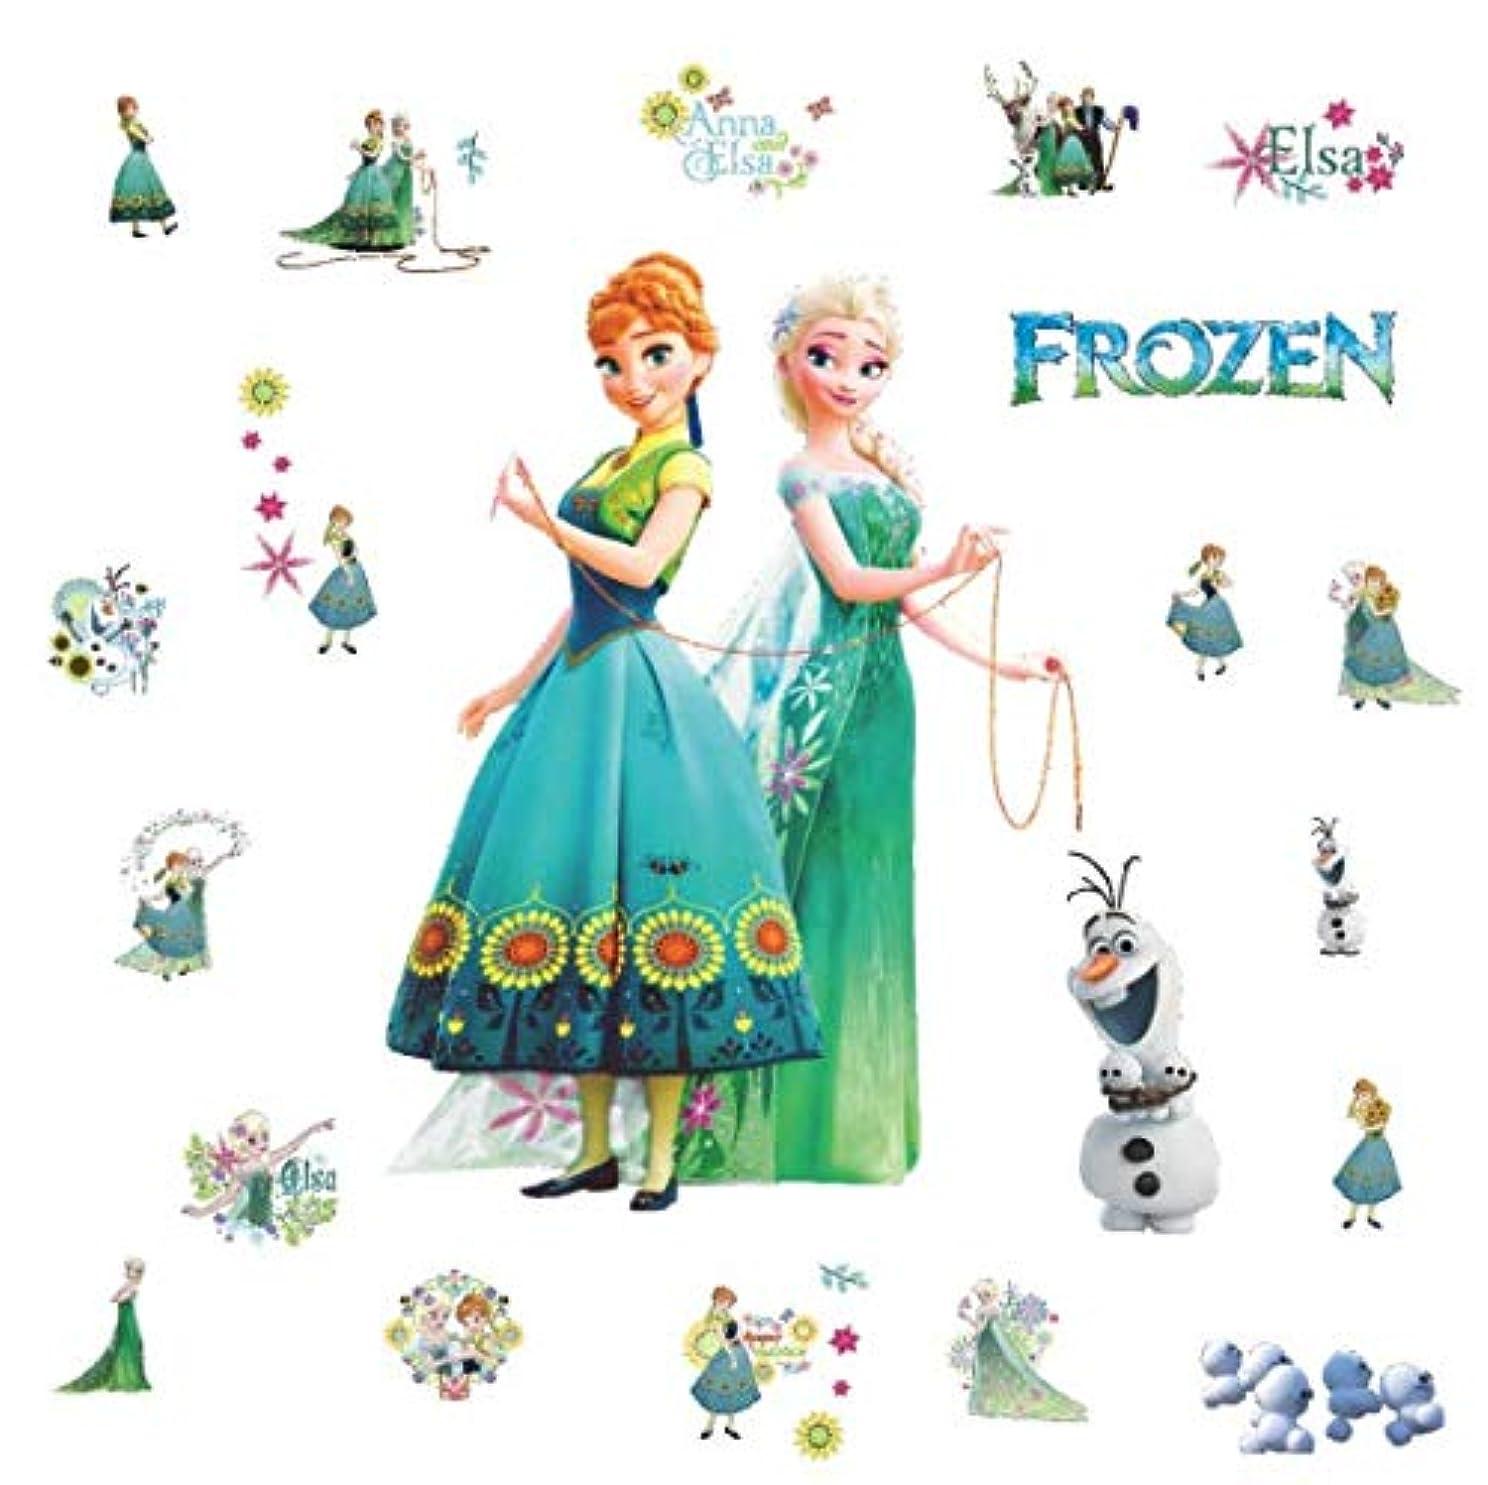 くしゃくしゃ驚かすランプウォールステッカー アナと雪の女王 Frozen ウォルト?ディズニー?アニメーション disney 壁紙シール wallsickers